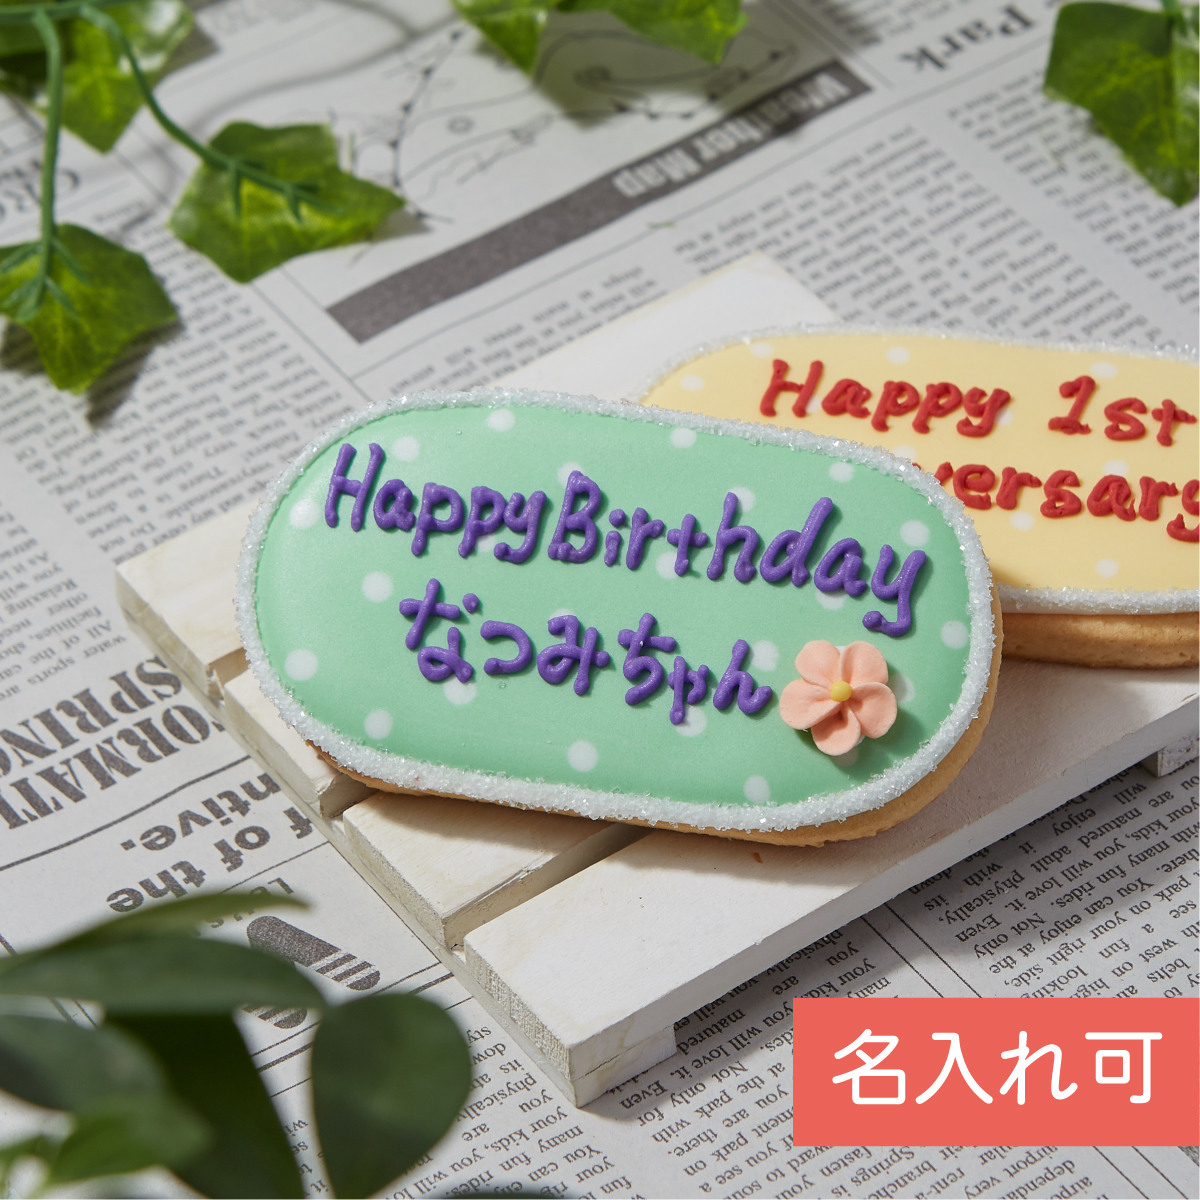 待望 オリジナルメッセージ 名入れ 日付入れ可能 記念日のケーキにオリジナルのデコレーションを メッセージ入れ可能 名入れアイシングクッキー プレートD かわいい デコレーションケーキ バースデープレート オリジナルケーキ 誕生日 新作アイテム毎日更新 クッキー お菓子